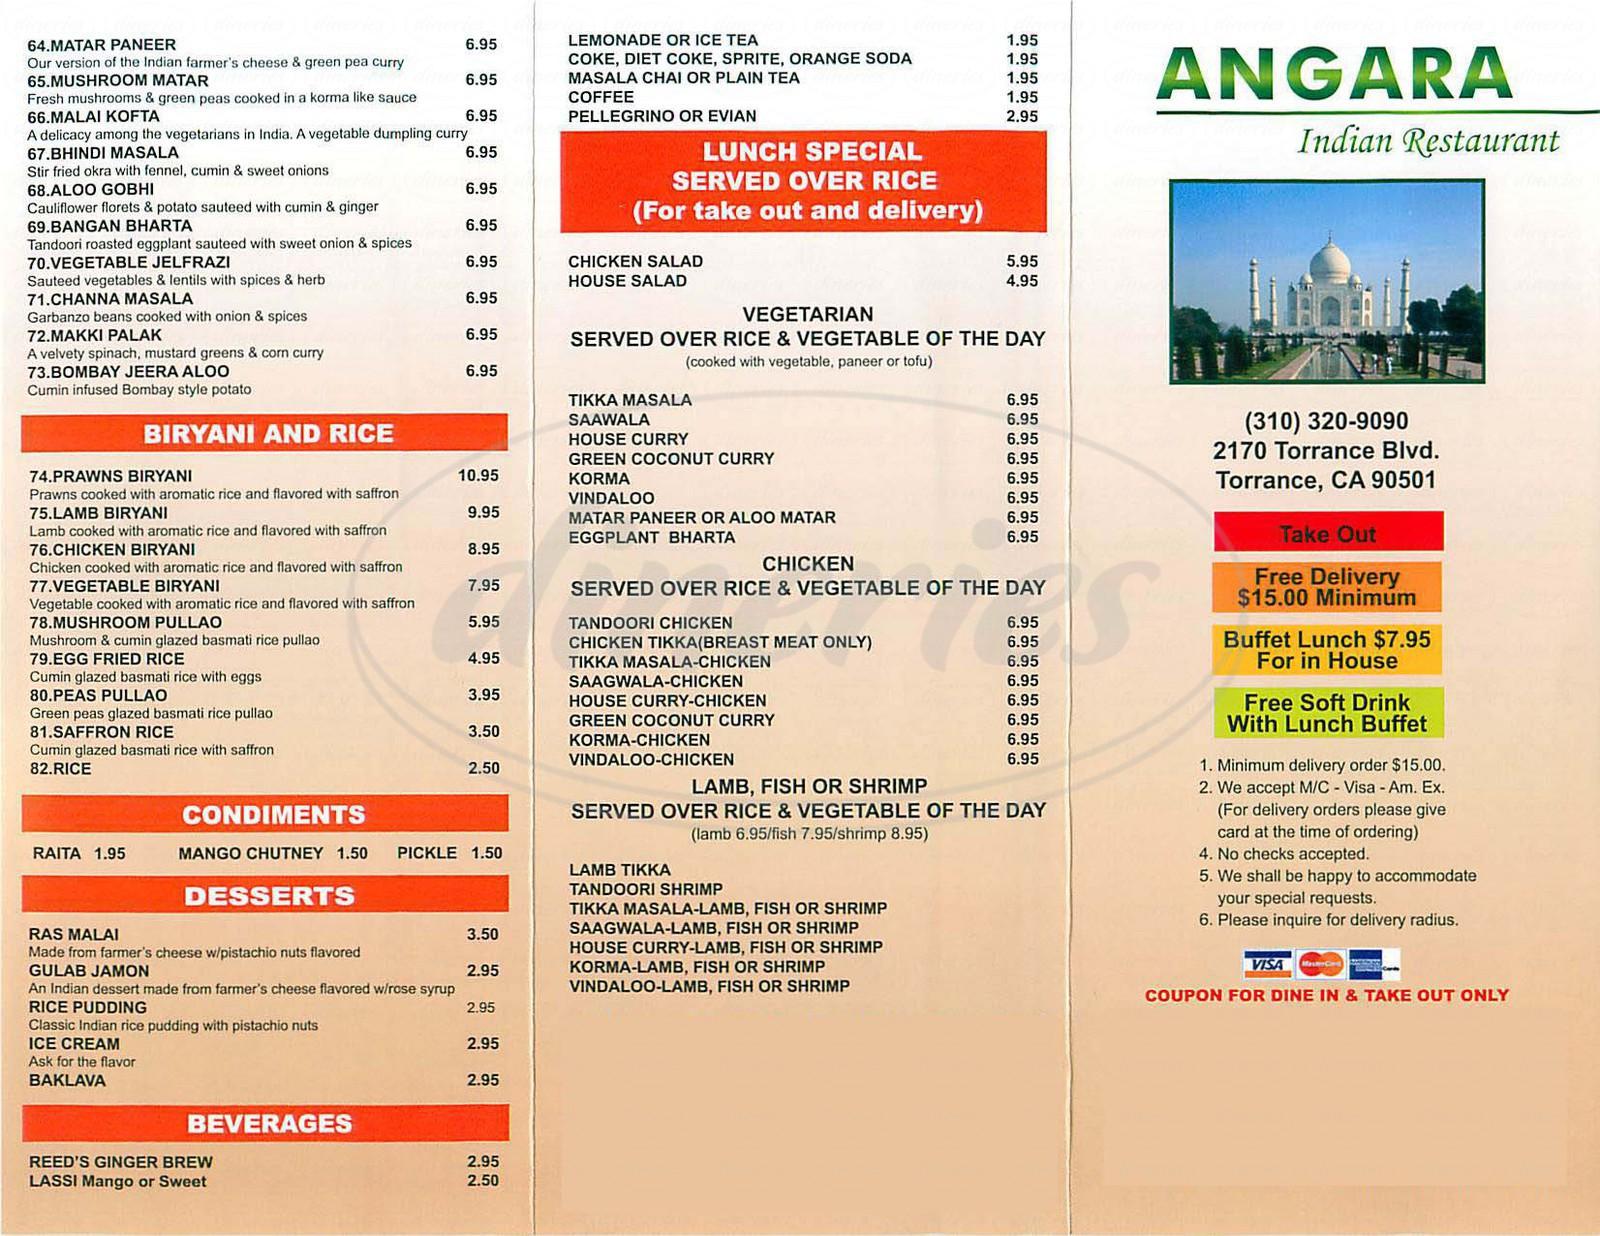 menu for Angara